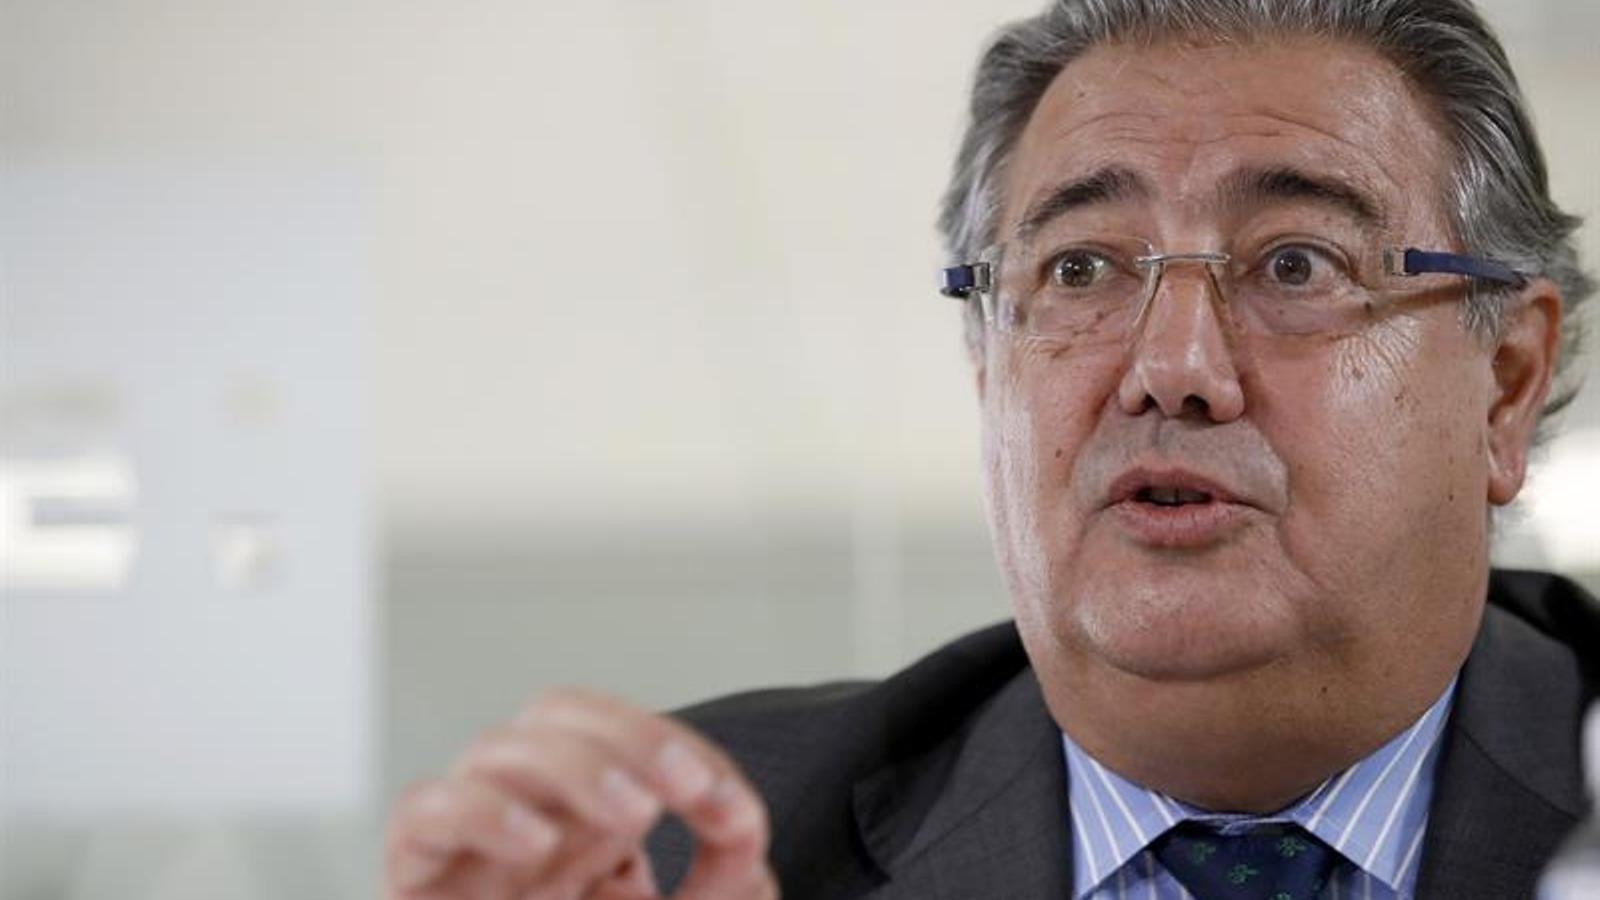 El ministre de l'Interior, Juan Ignacio Zoido, durant l'entrevista a l'agència EFE.